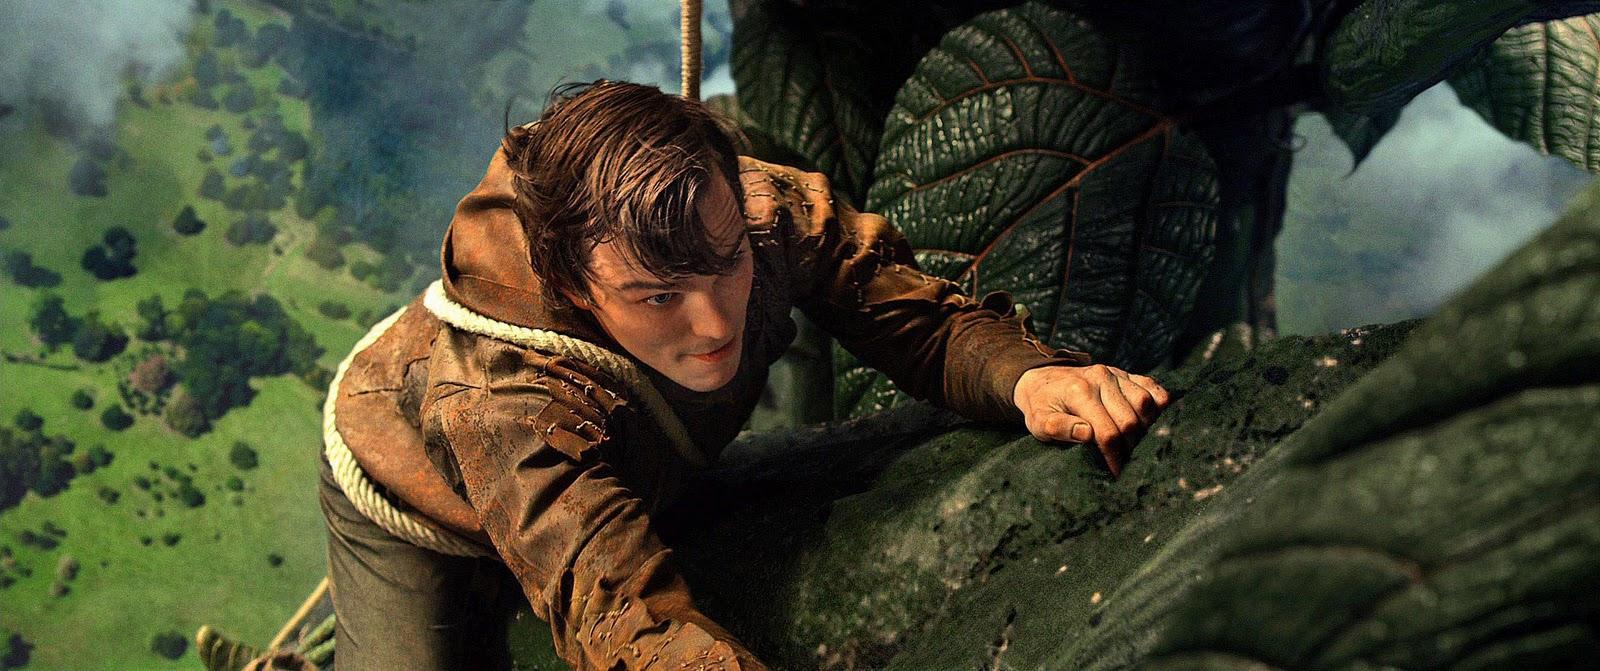 Jack el caza gigantes no se estrenar hasta 2013 for Cama gigantes